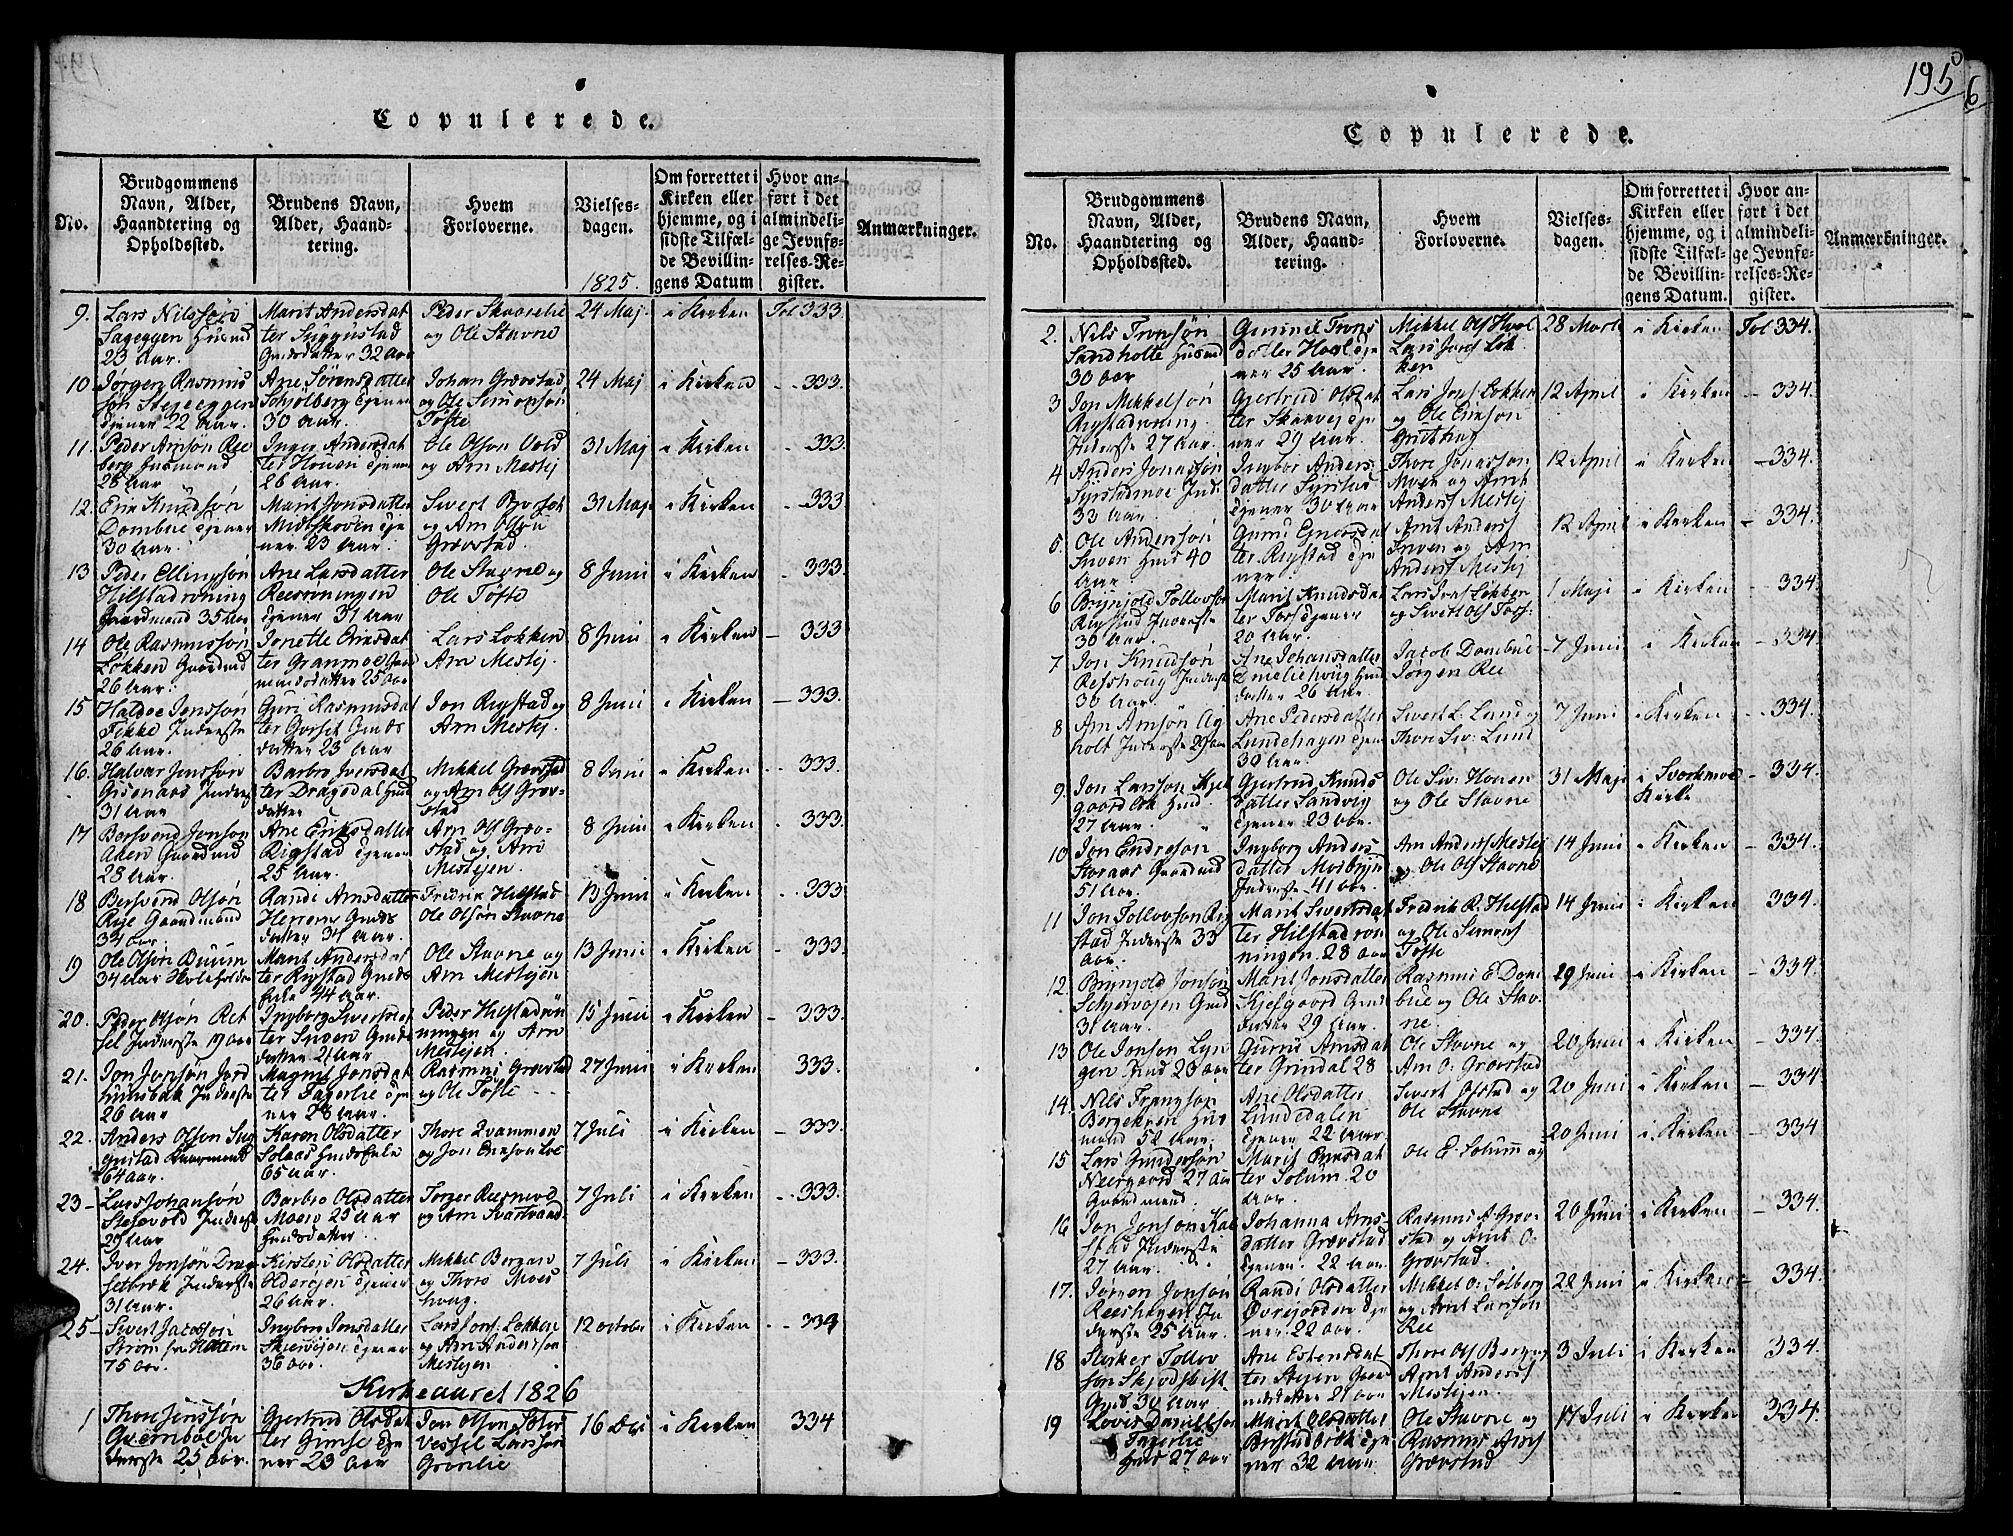 SAT, Ministerialprotokoller, klokkerbøker og fødselsregistre - Sør-Trøndelag, 672/L0853: Ministerialbok nr. 672A06 /1, 1816-1829, s. 195